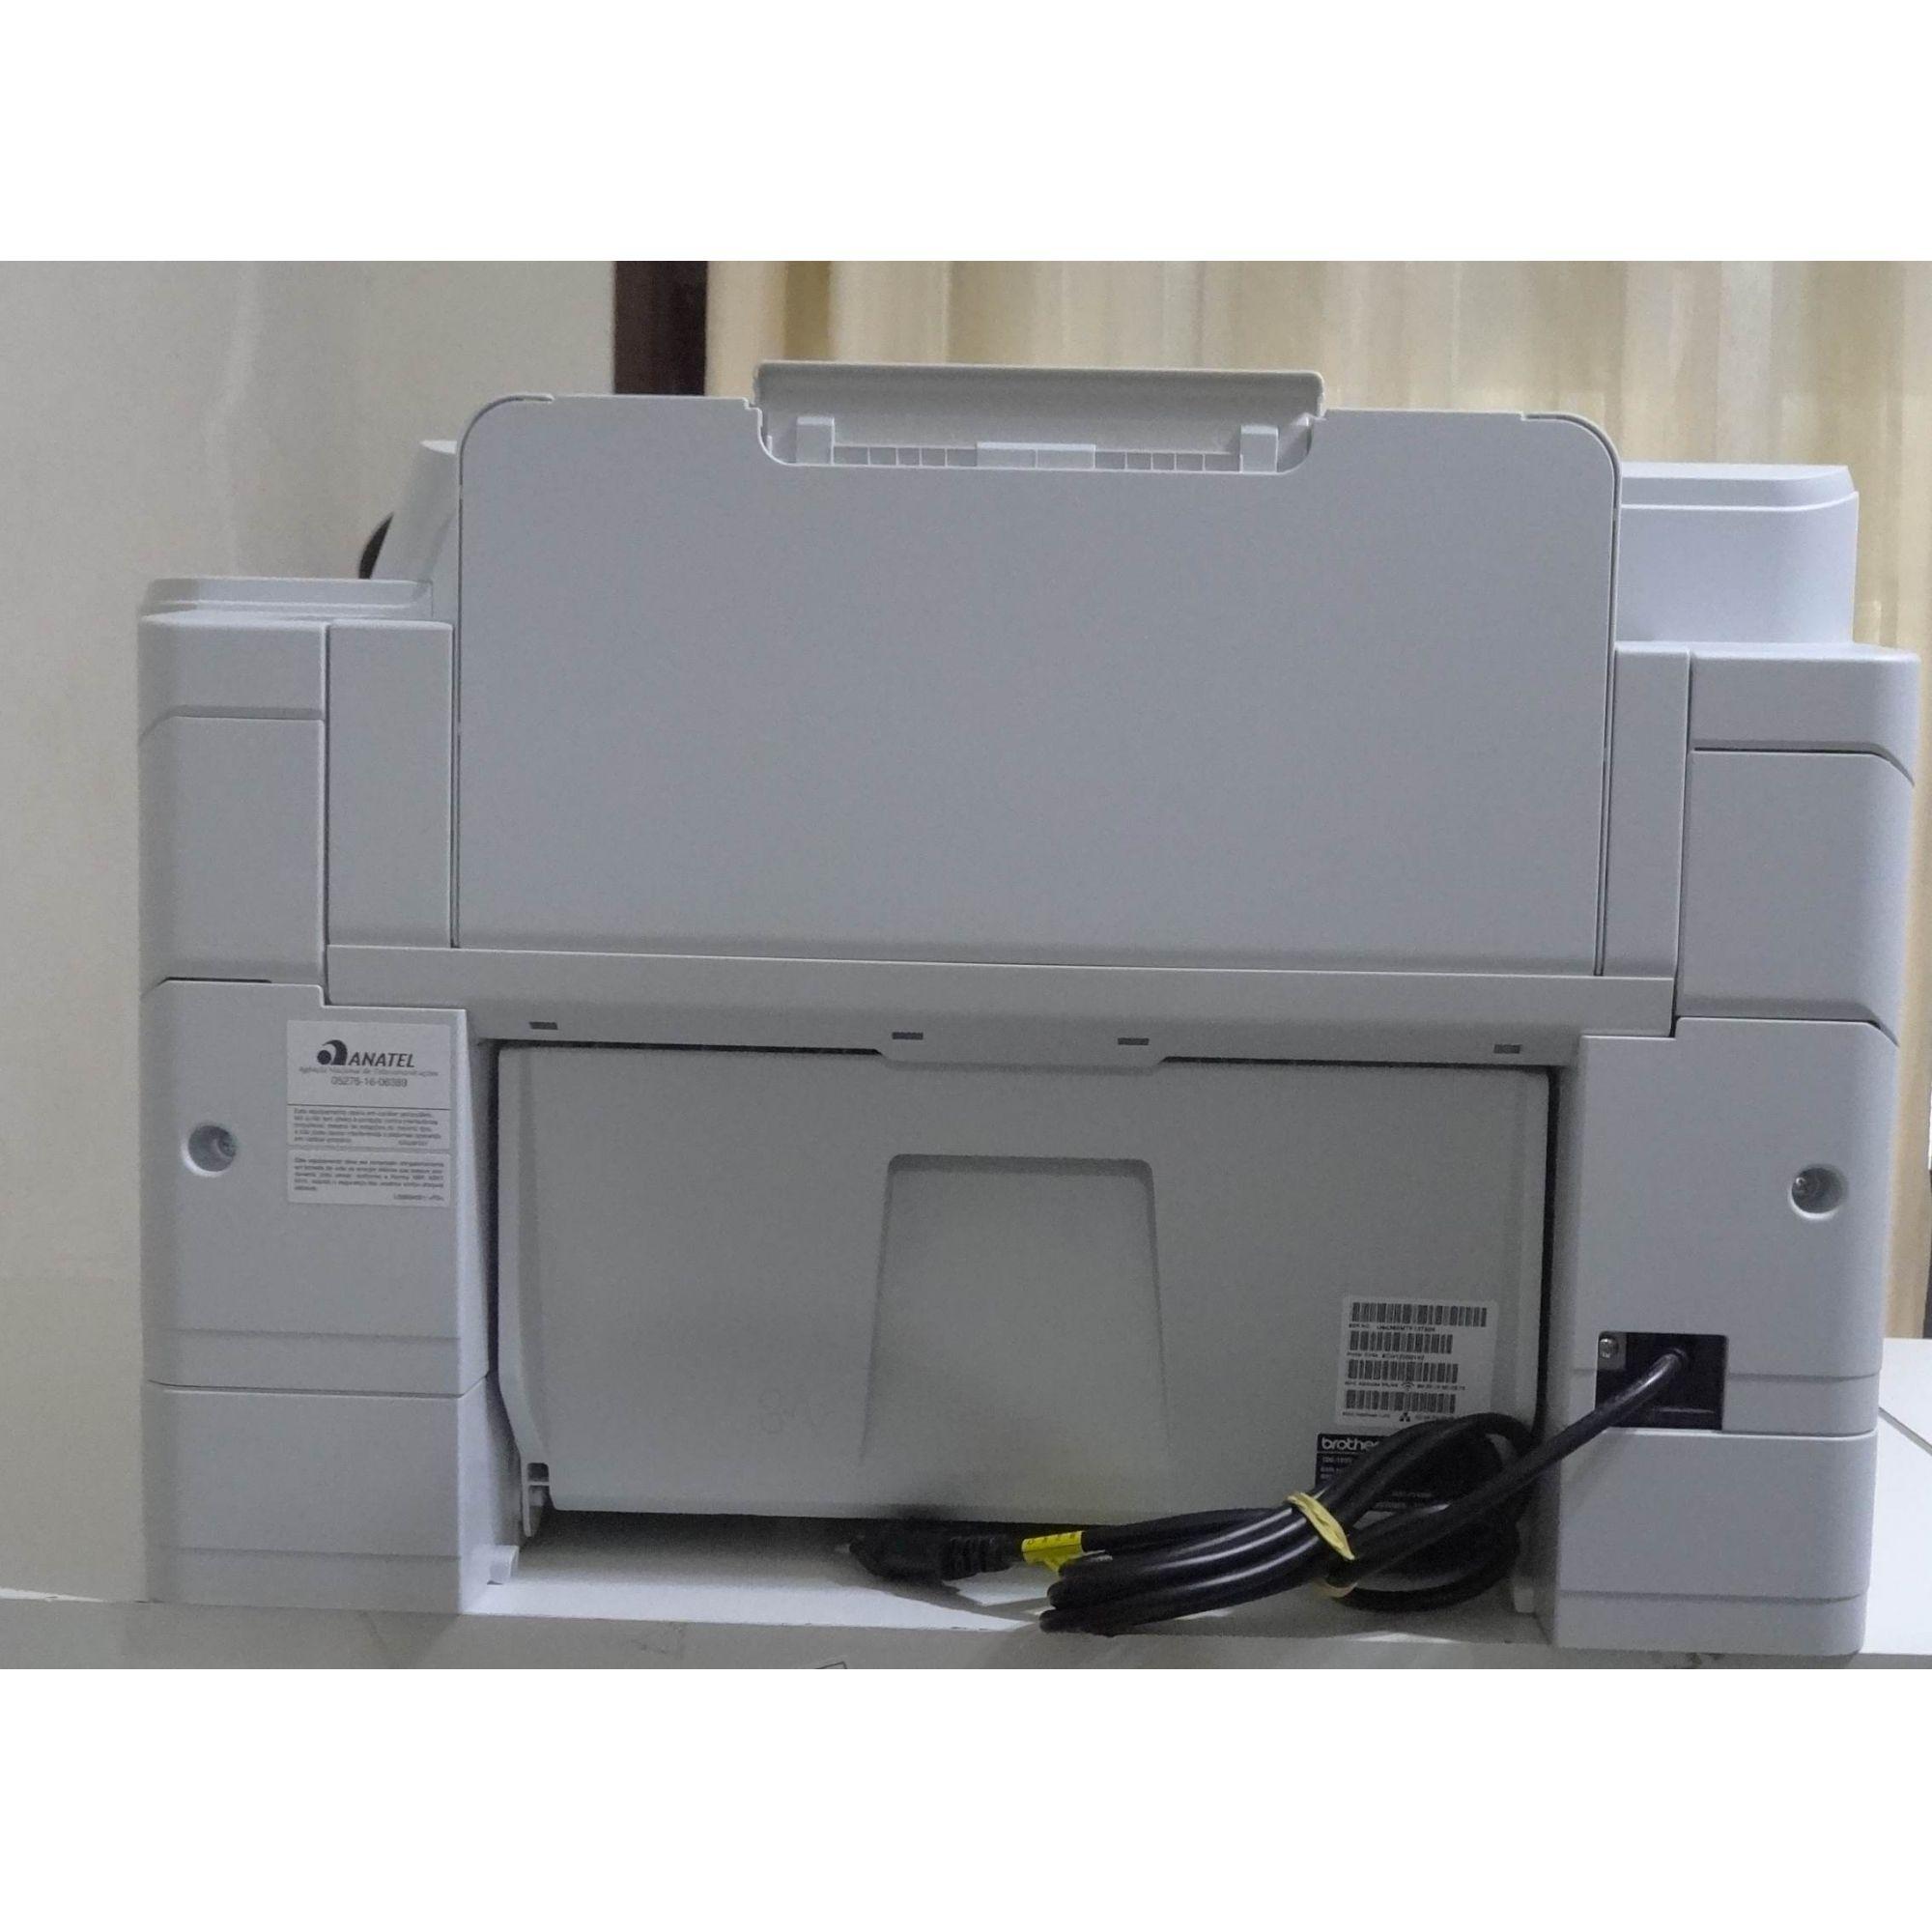 Impressora Brother MFC-J6935DW  Multifuncional Jato de Tinta A3 (Não Enviamos)